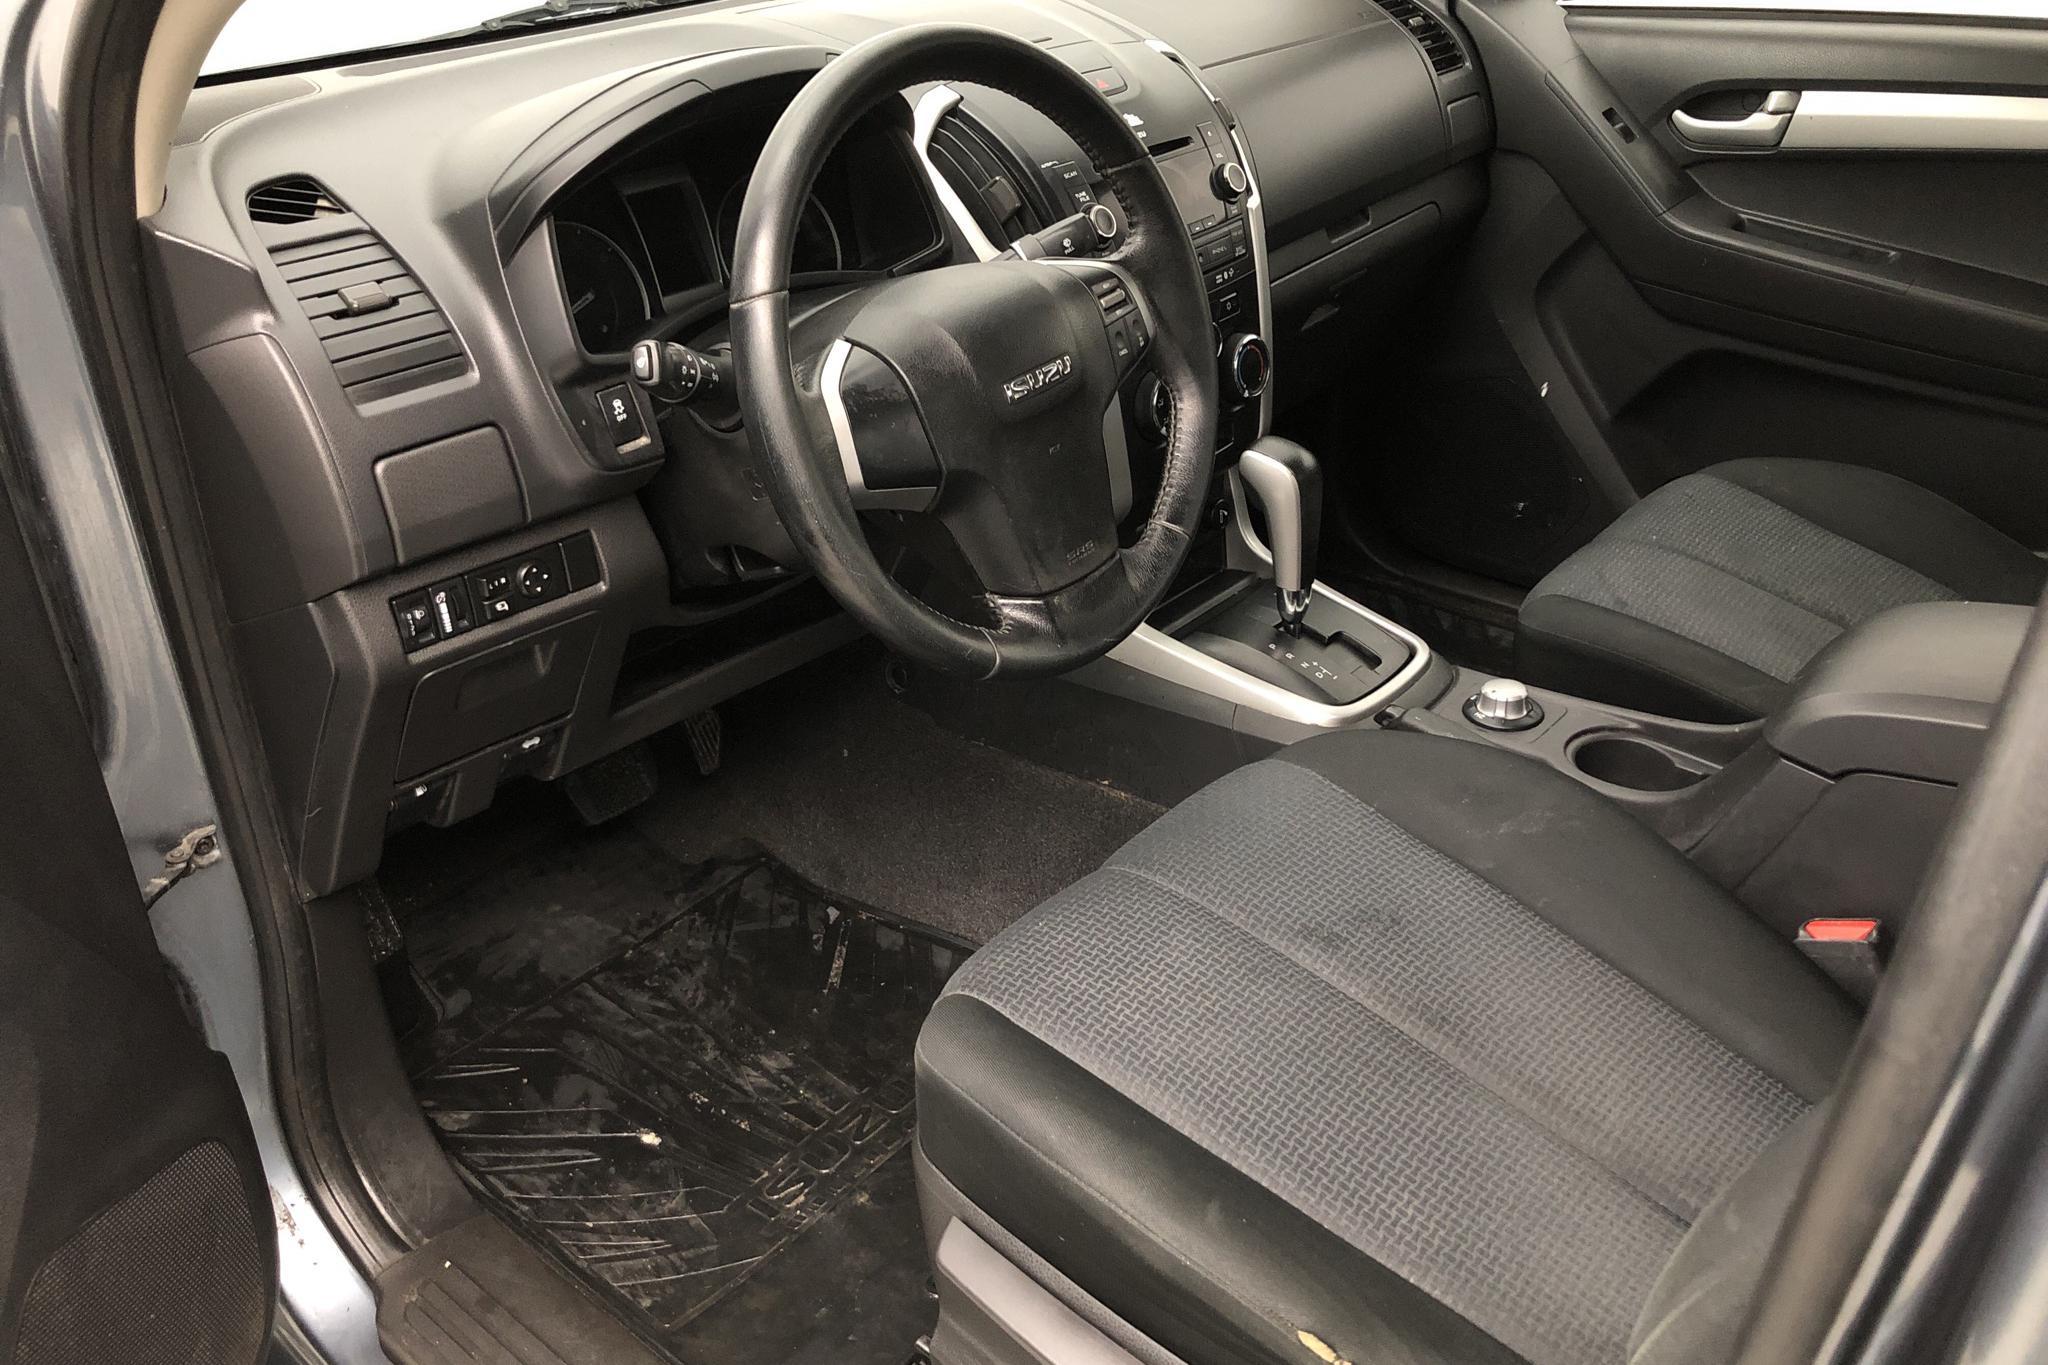 Isuzu D-MAX 2.5 DDI 4WD (163hk) - 6 986 mil - Automat - Light Grey - 2015